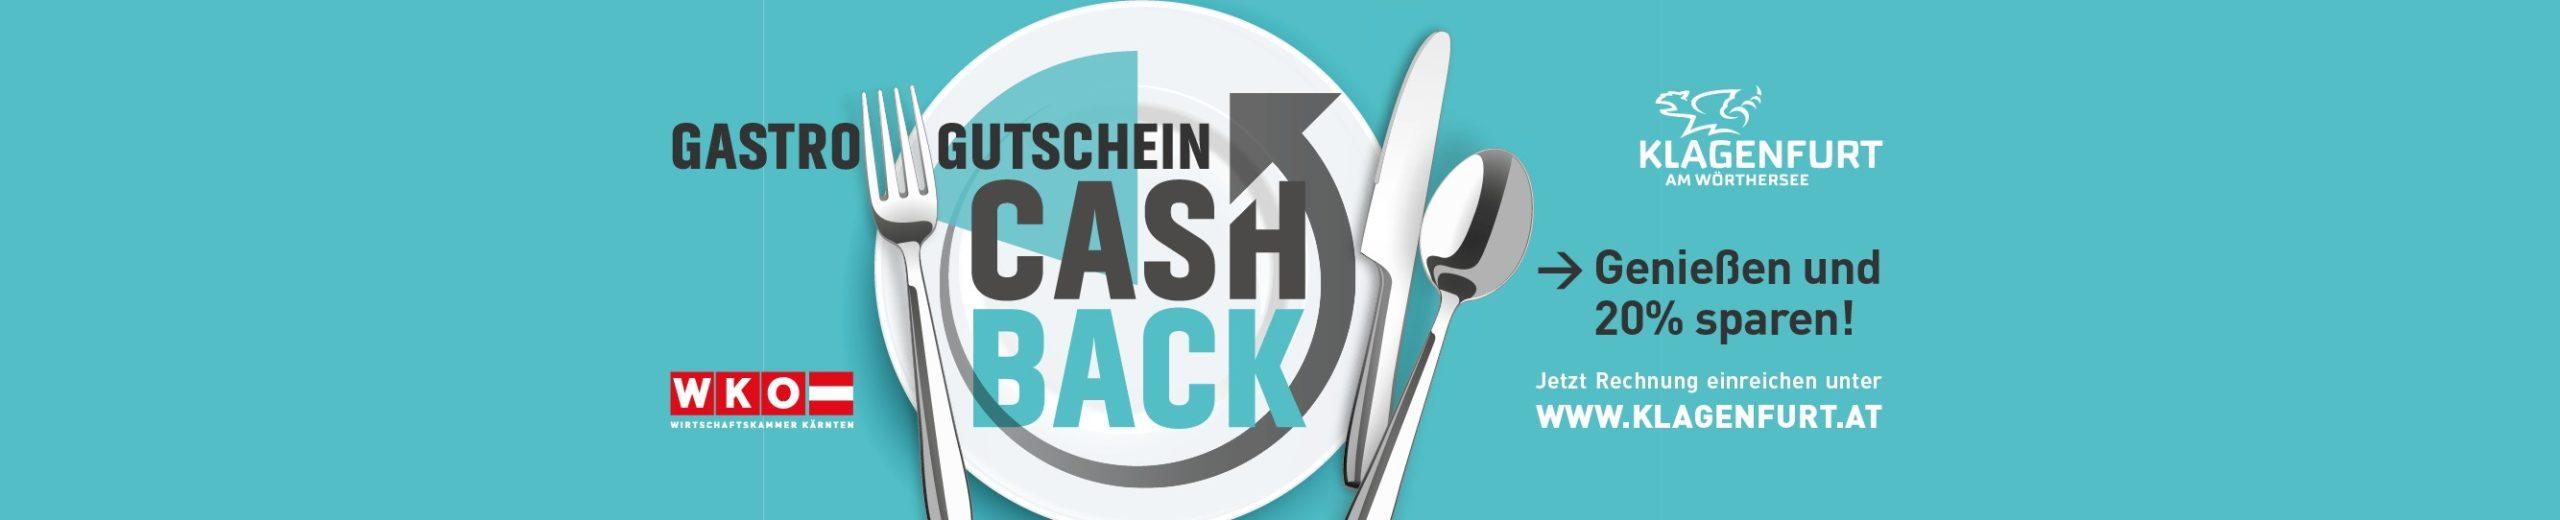 20 % Cashback auf Gastro-Gutscheine